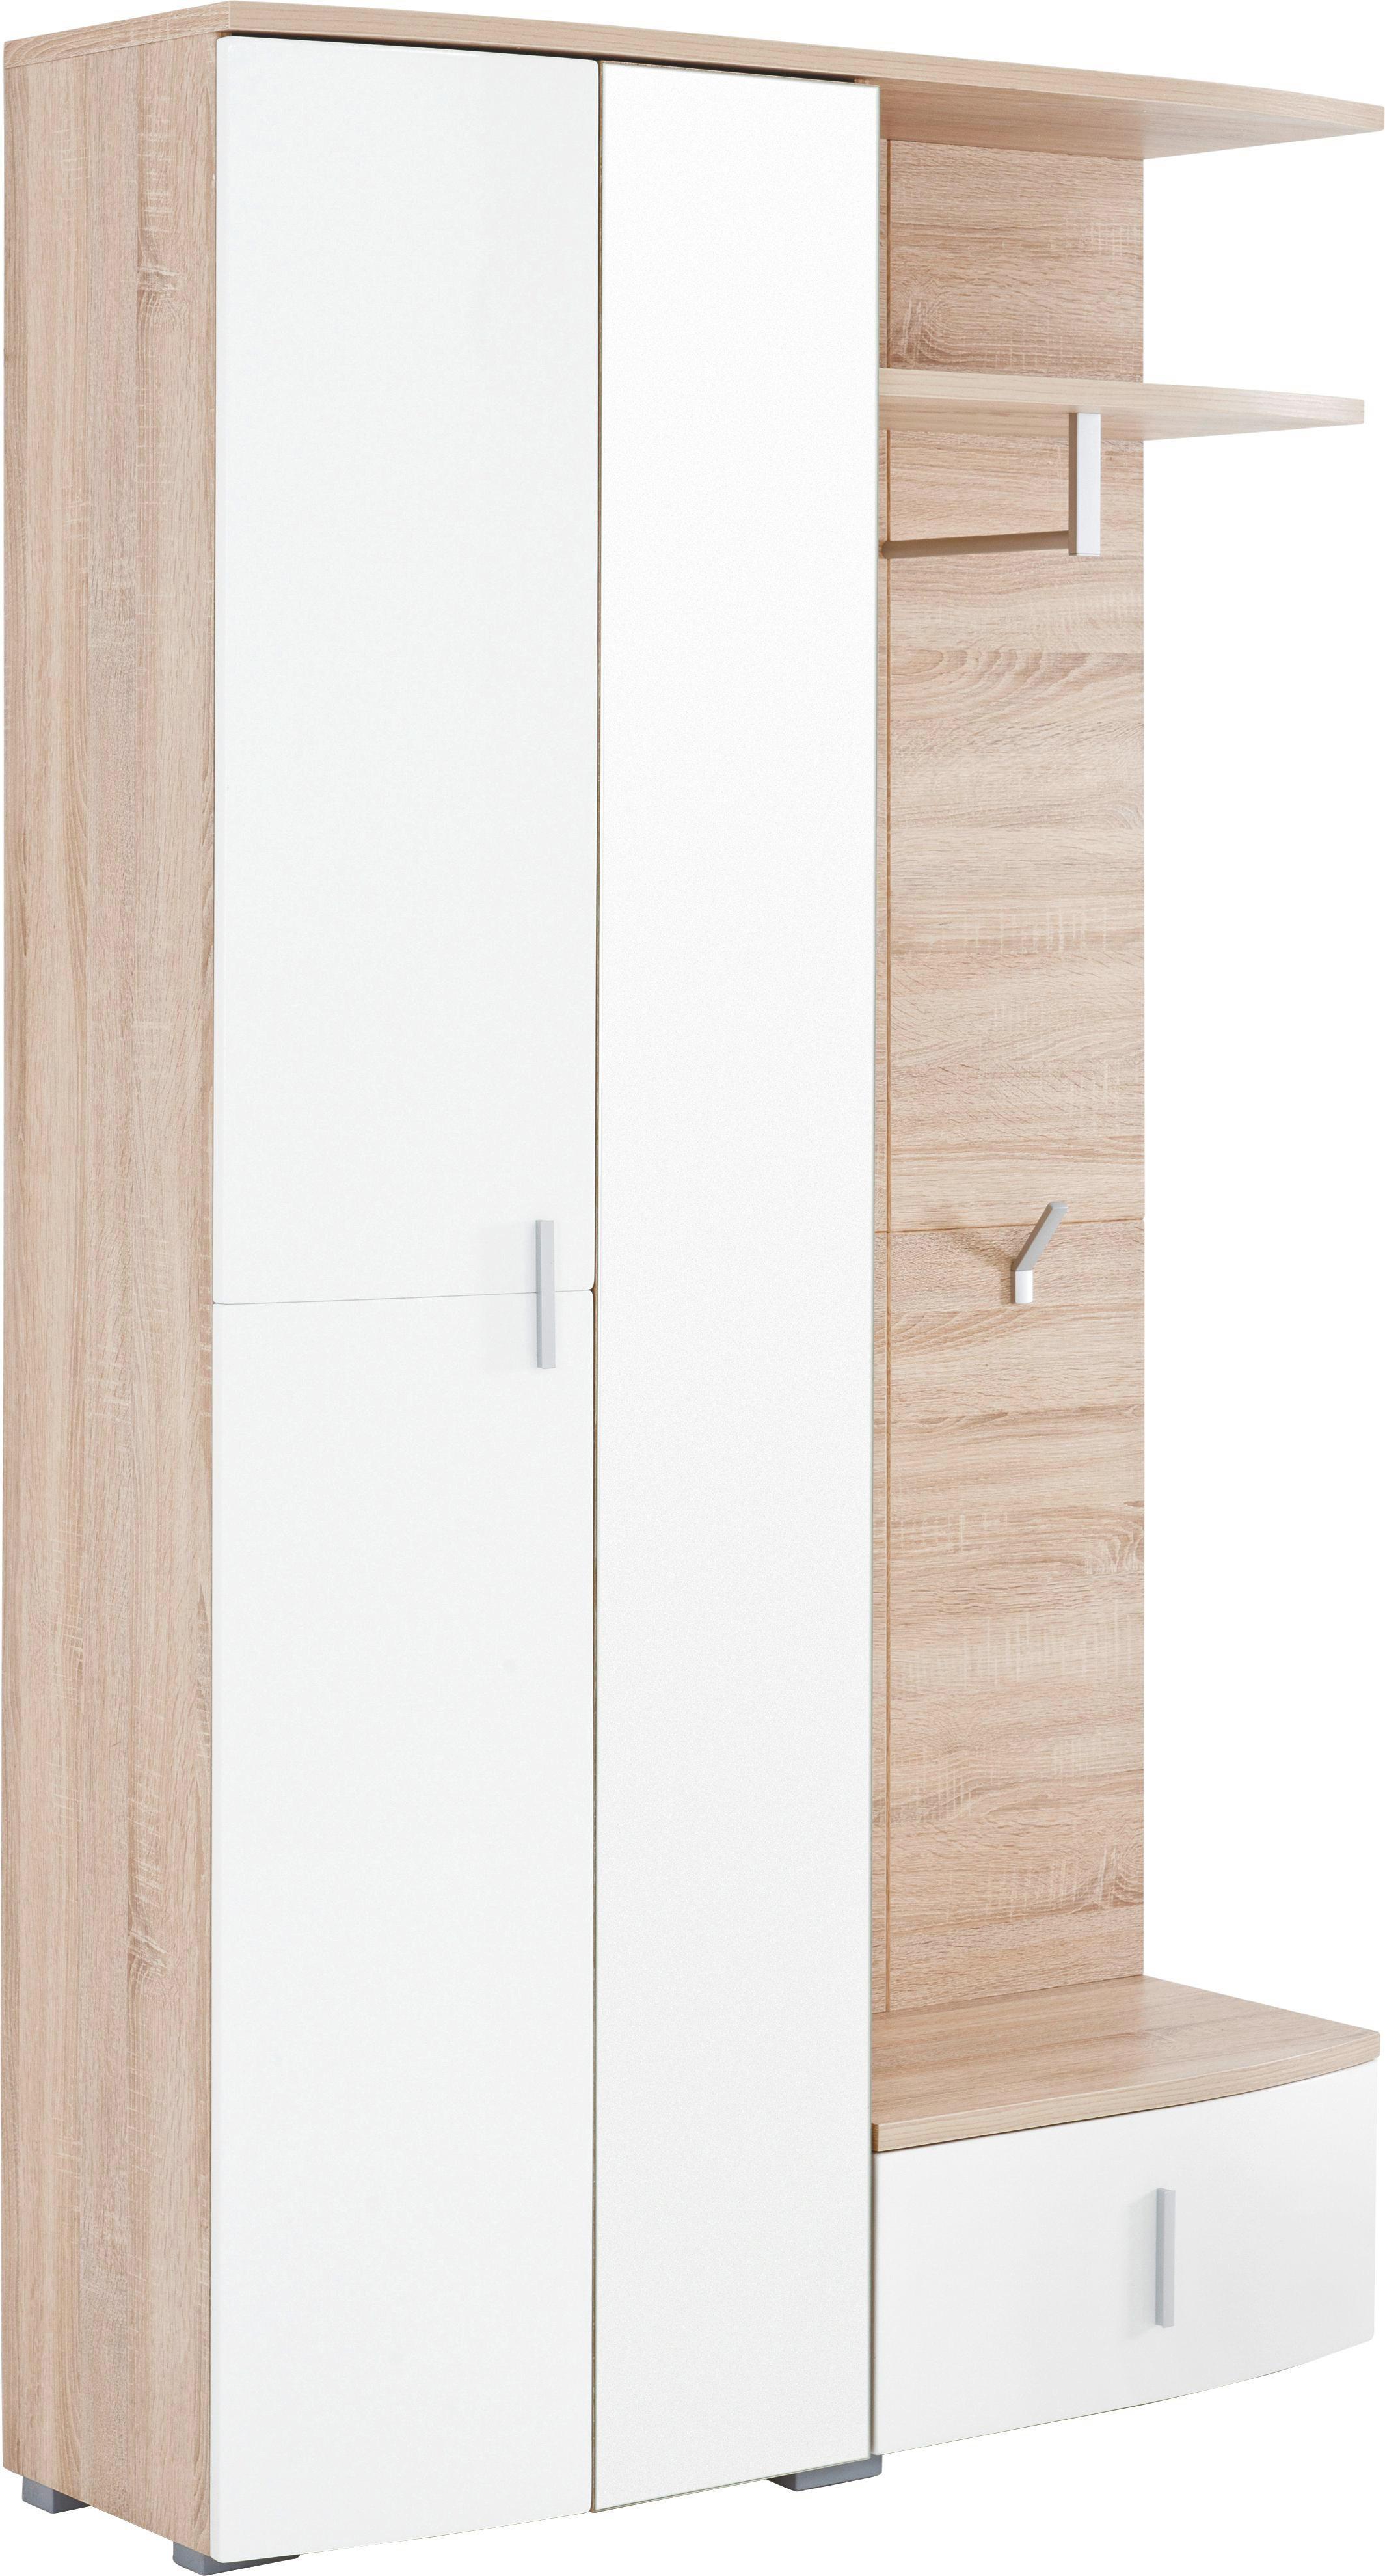 Wundervoll Eckschrank Garderobe Galerie Von Simple Sonoma Eiche Wei Weisonoma Eiche Design